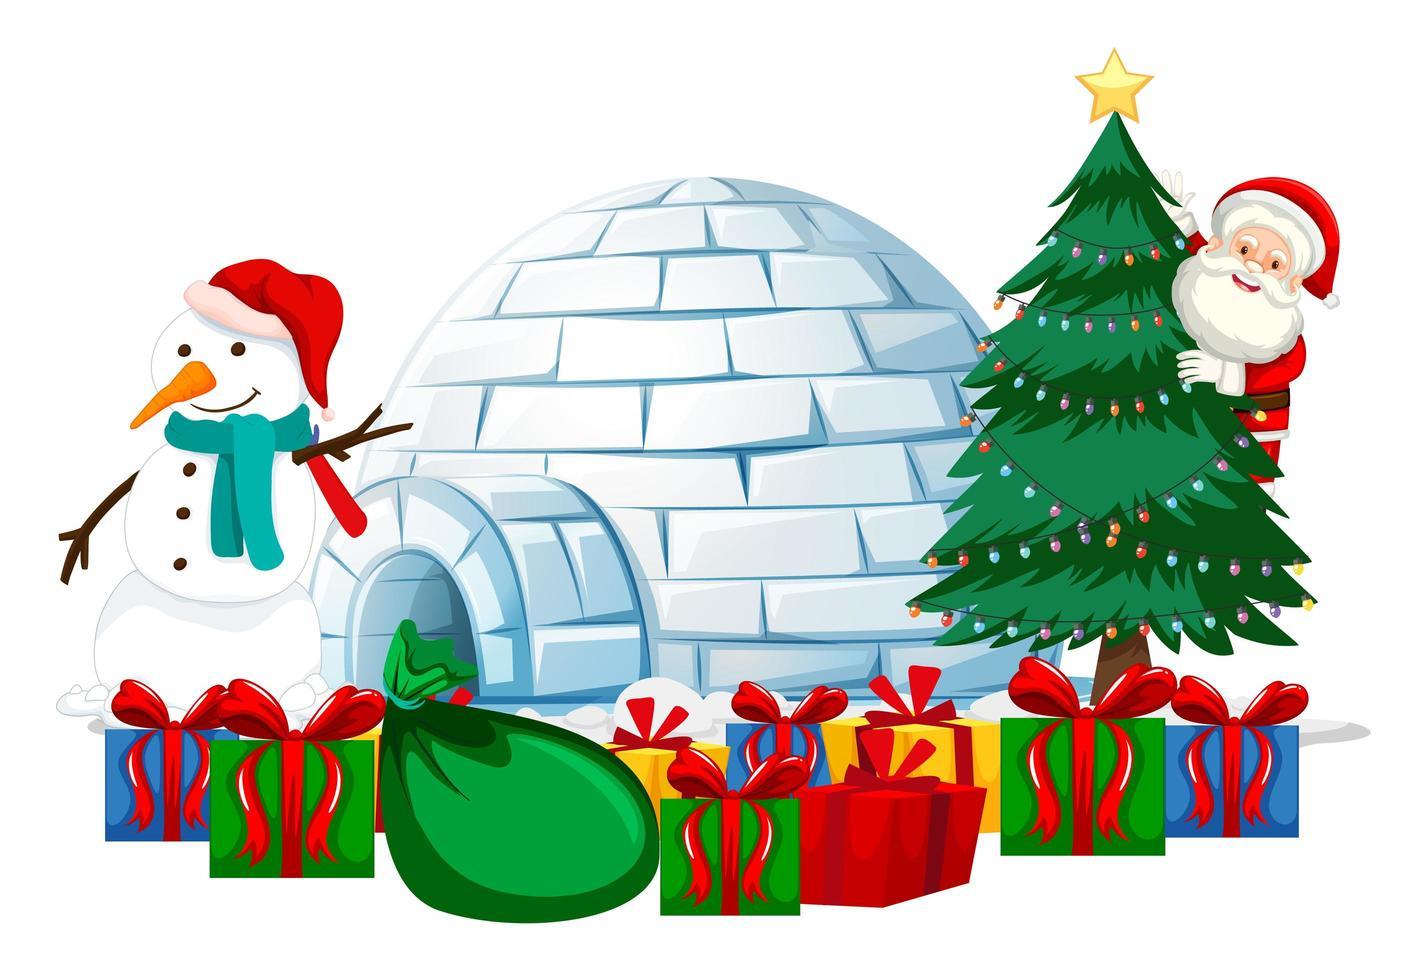 Père Noël avec de nombreux cadeaux et igloo sur fond blanc vecteur